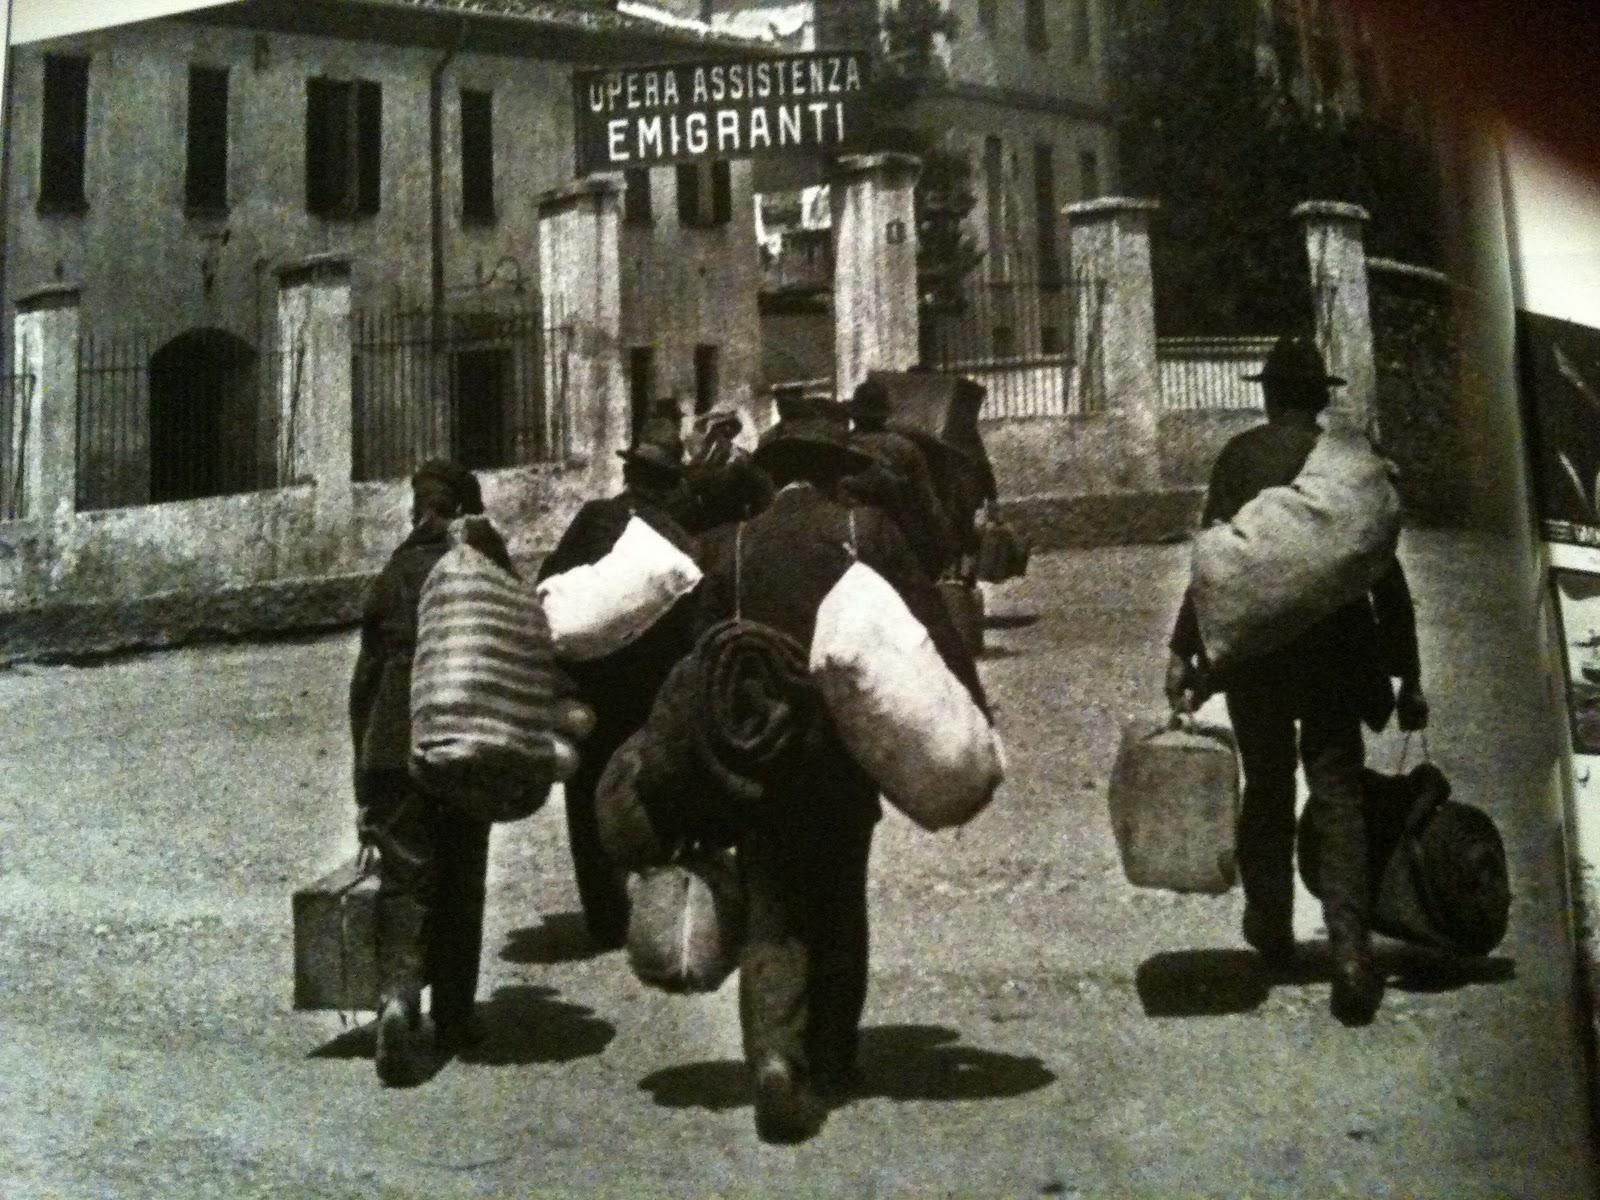 Italia, paese dei cambiamenti fuori controllo